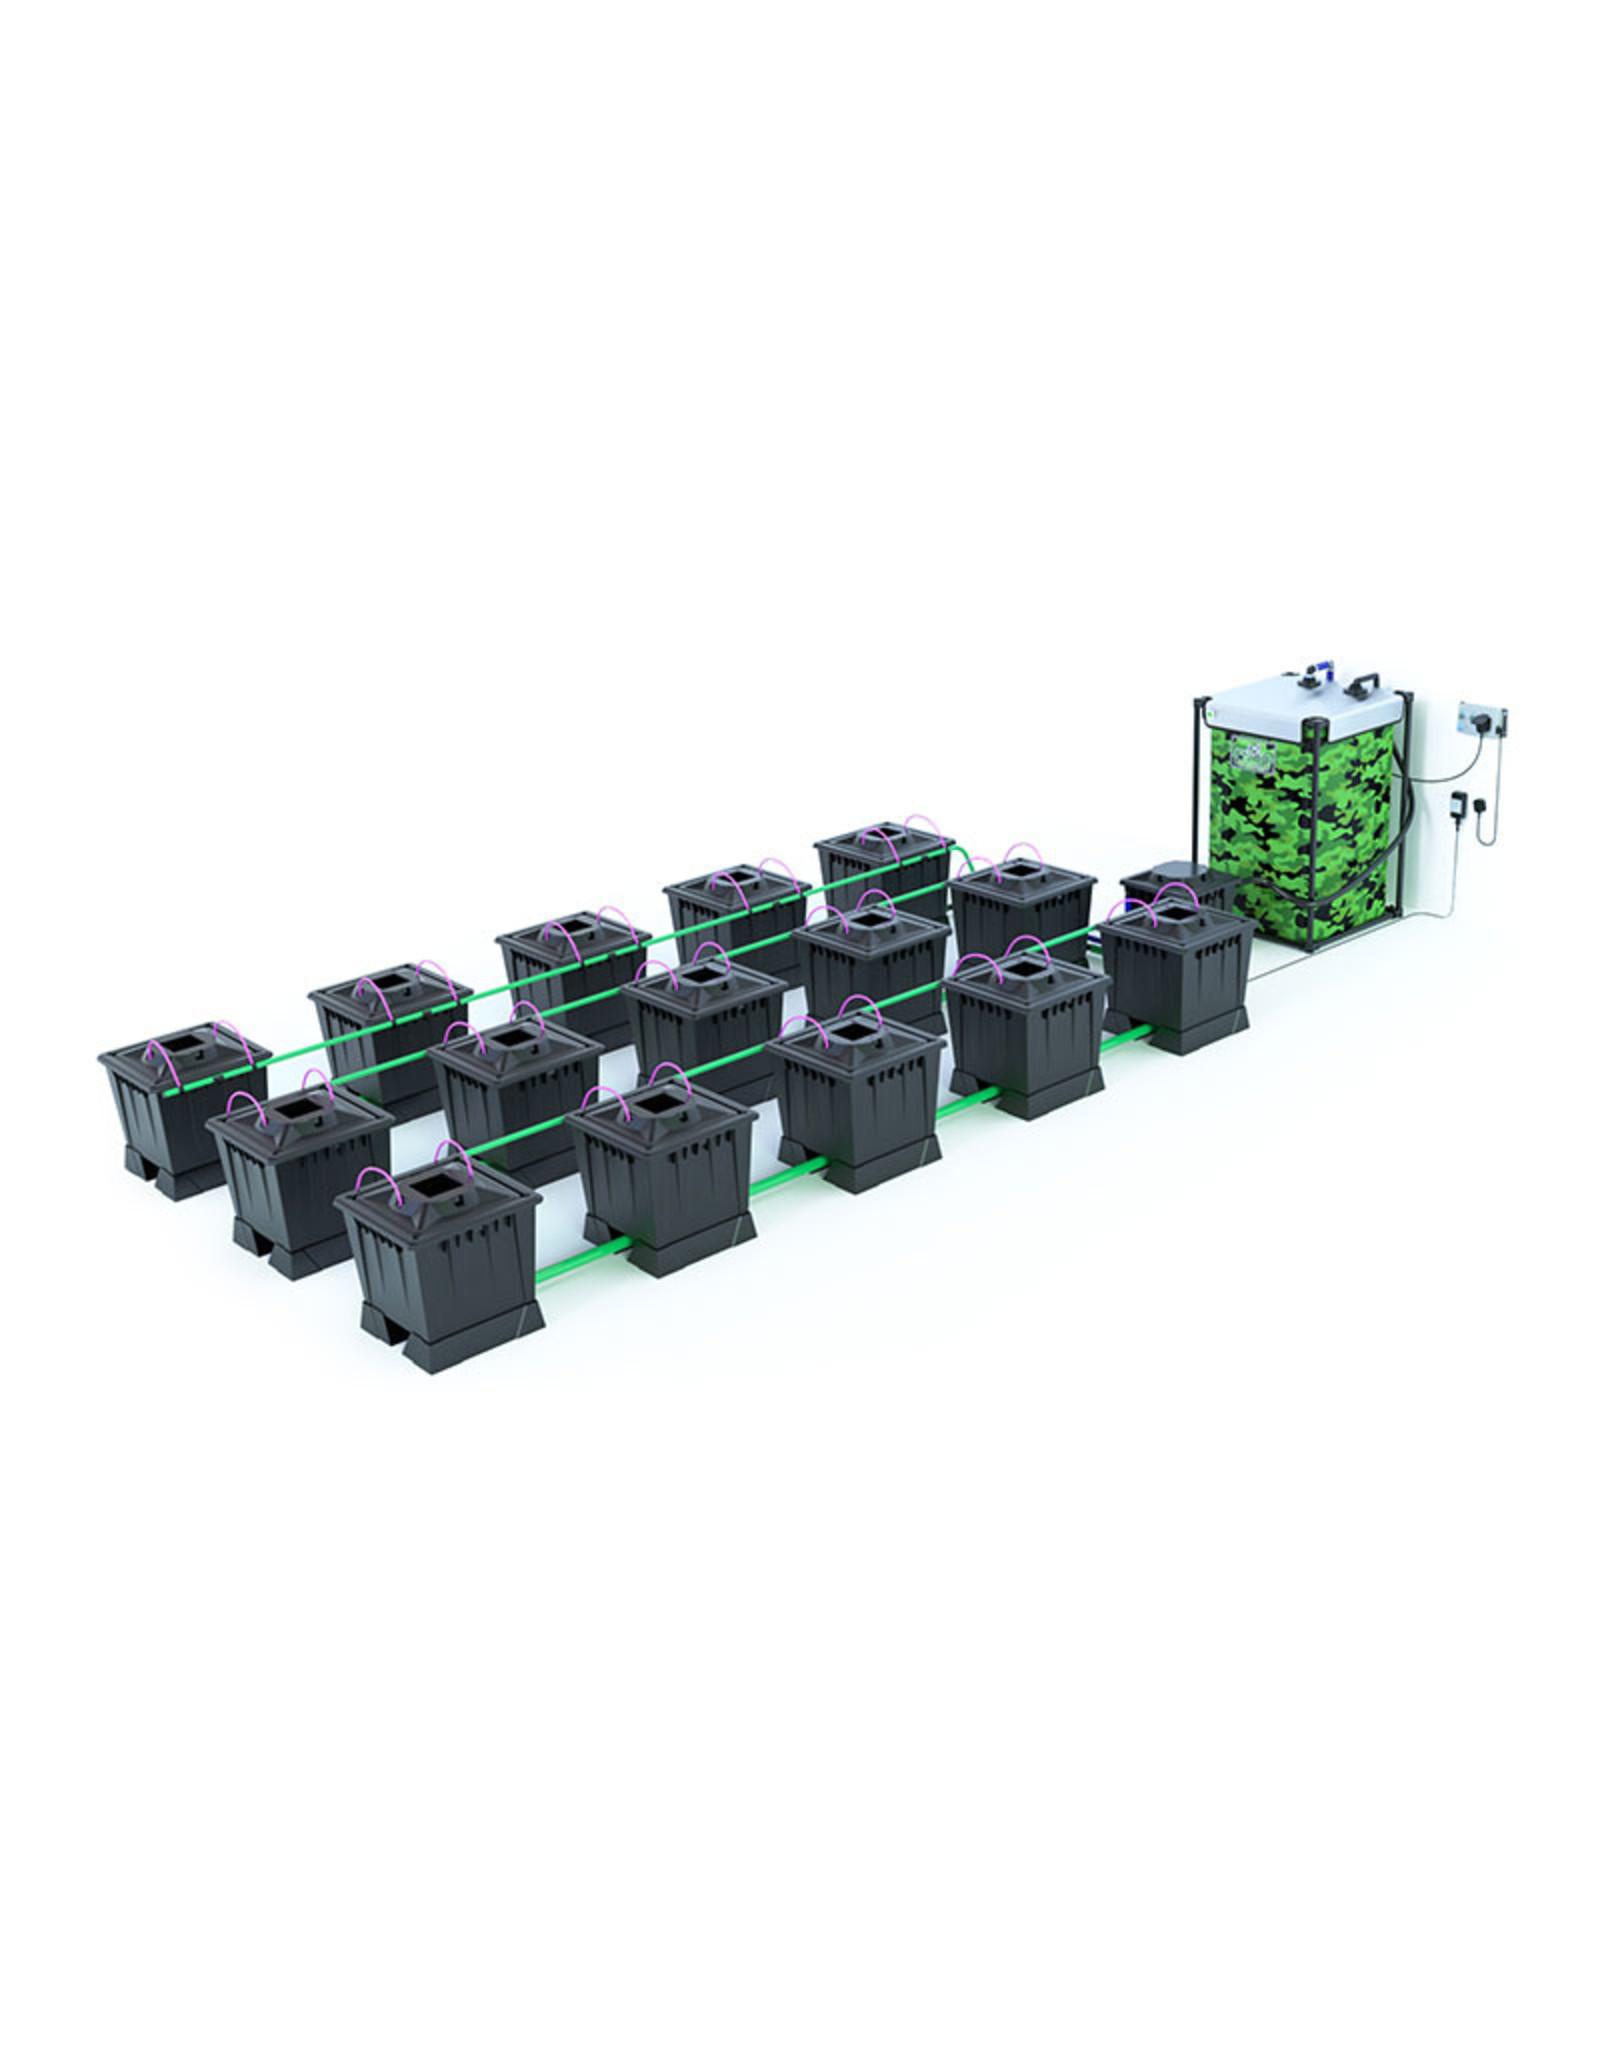 ALIEN HYDROPONICS ALIEN AERO BLACK SERIES 30L  15 POT SYSTEM